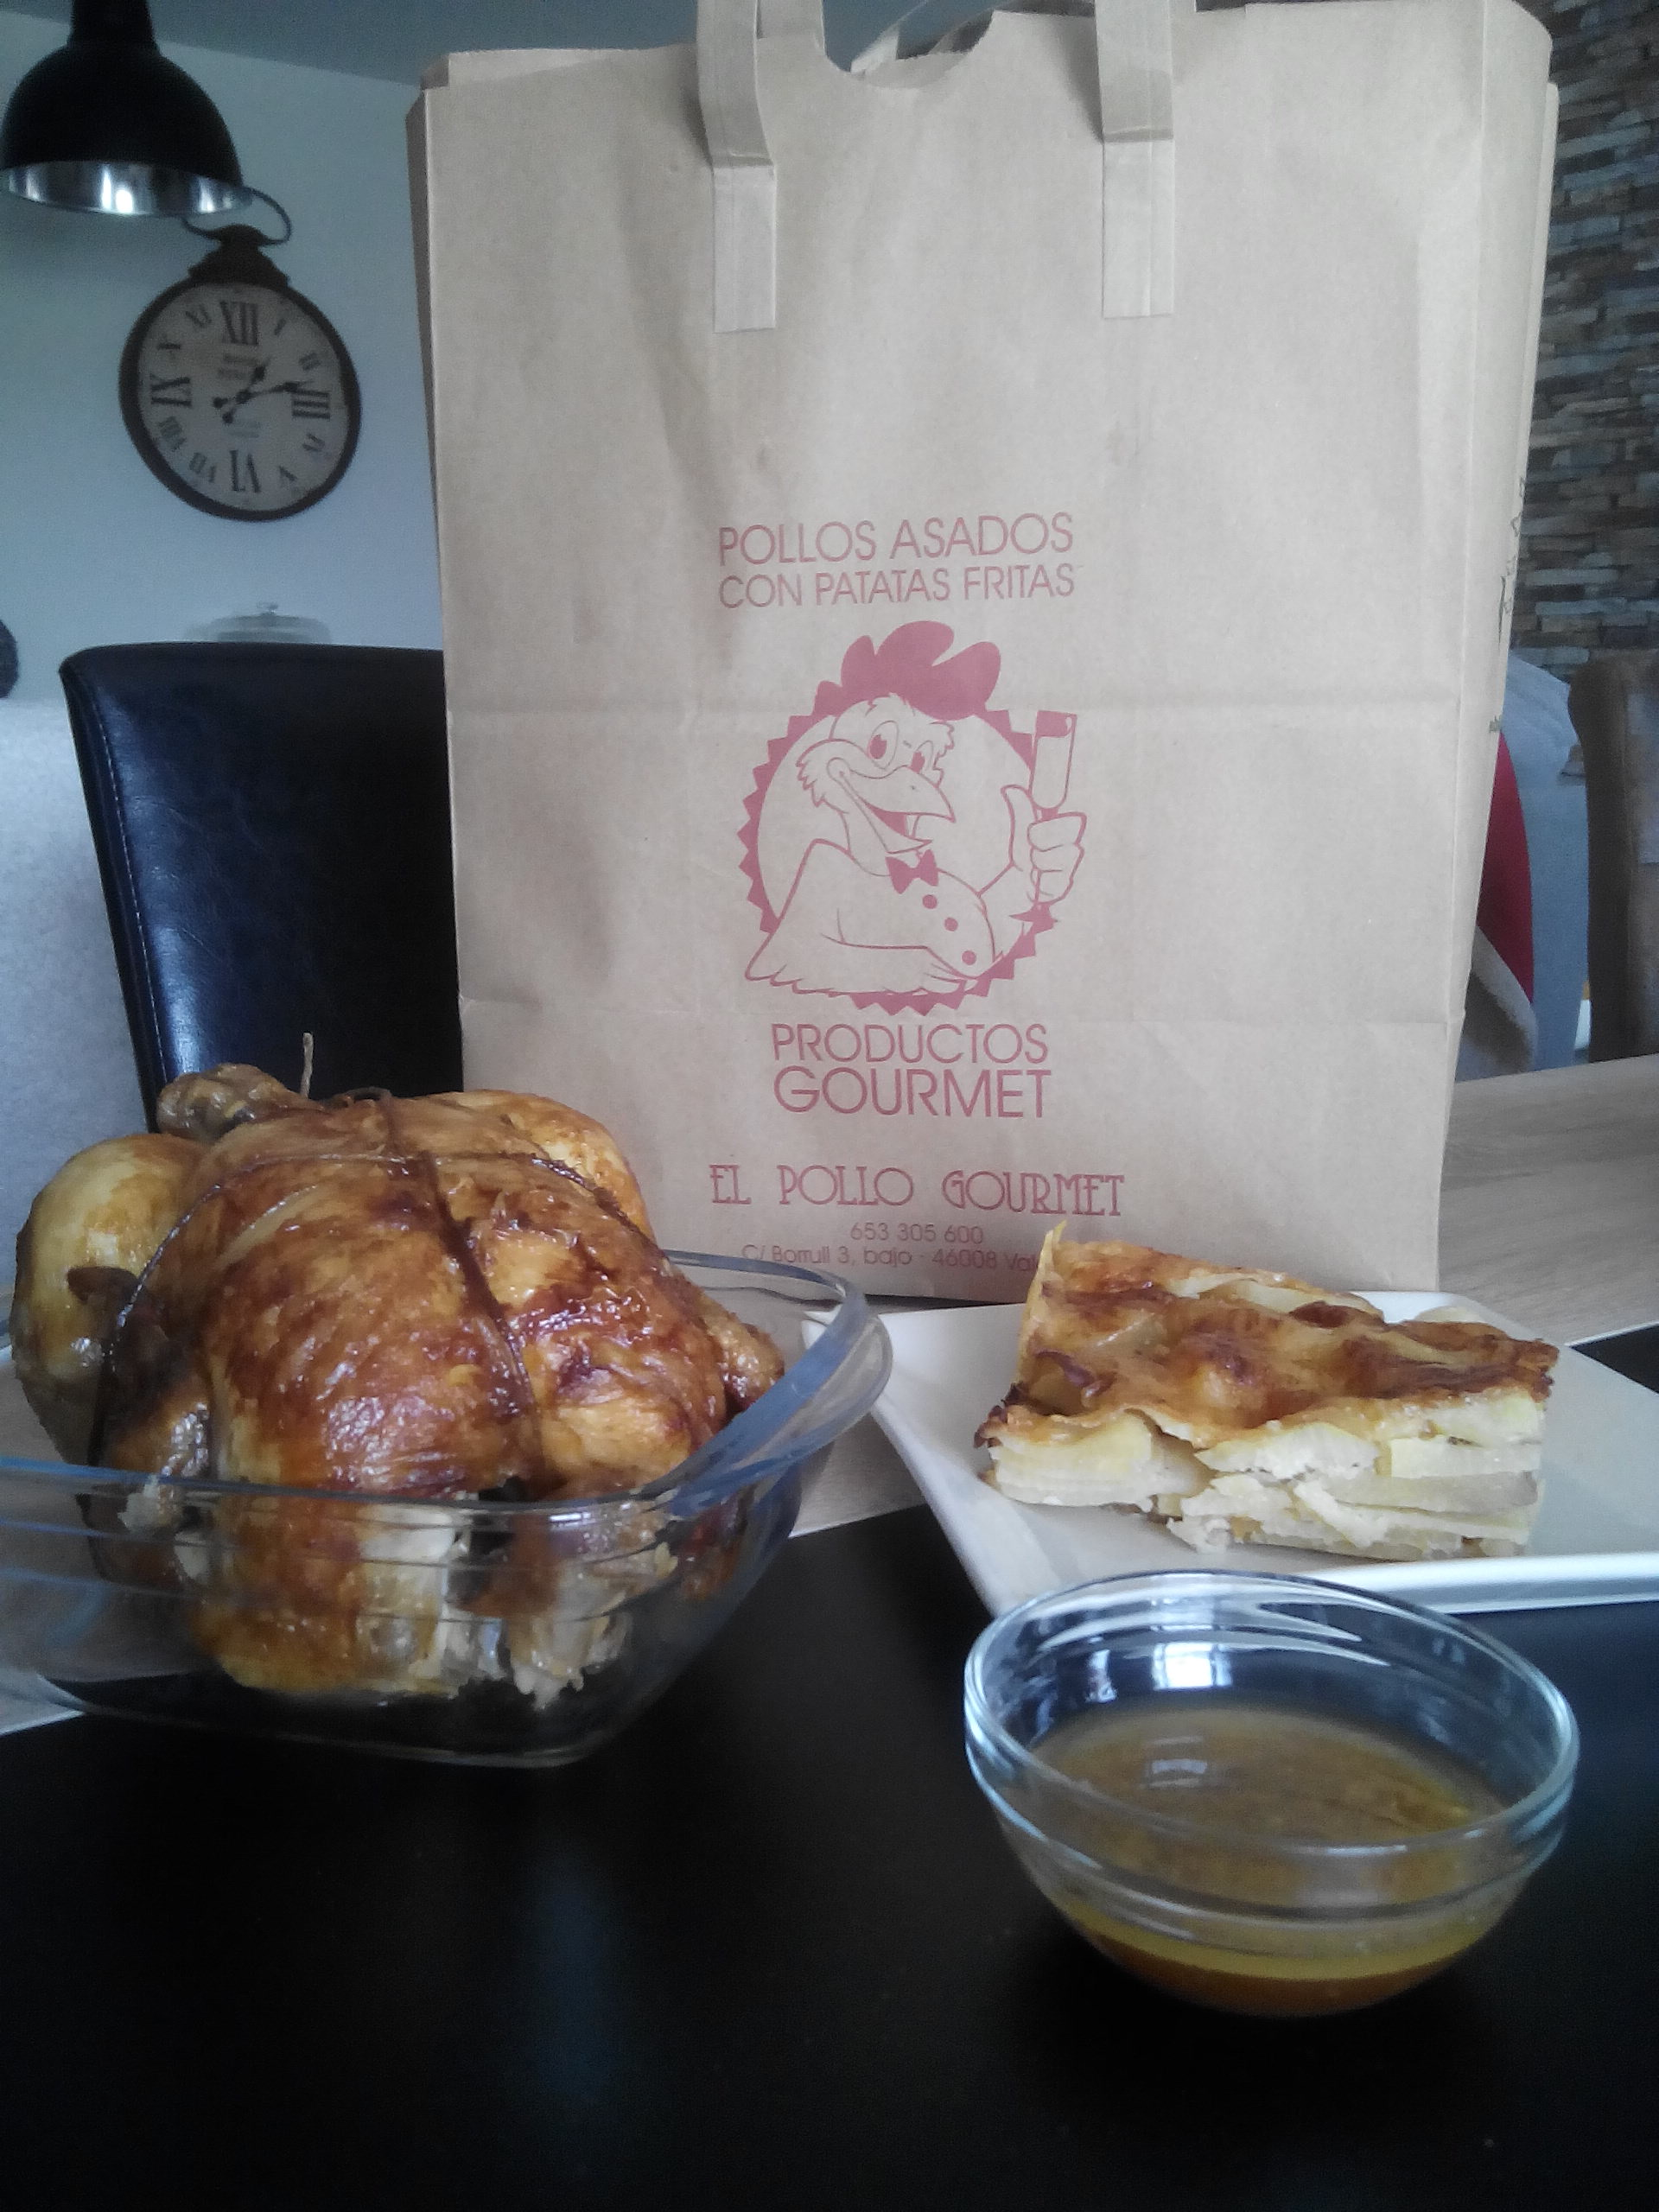 El Pollo Gourmet